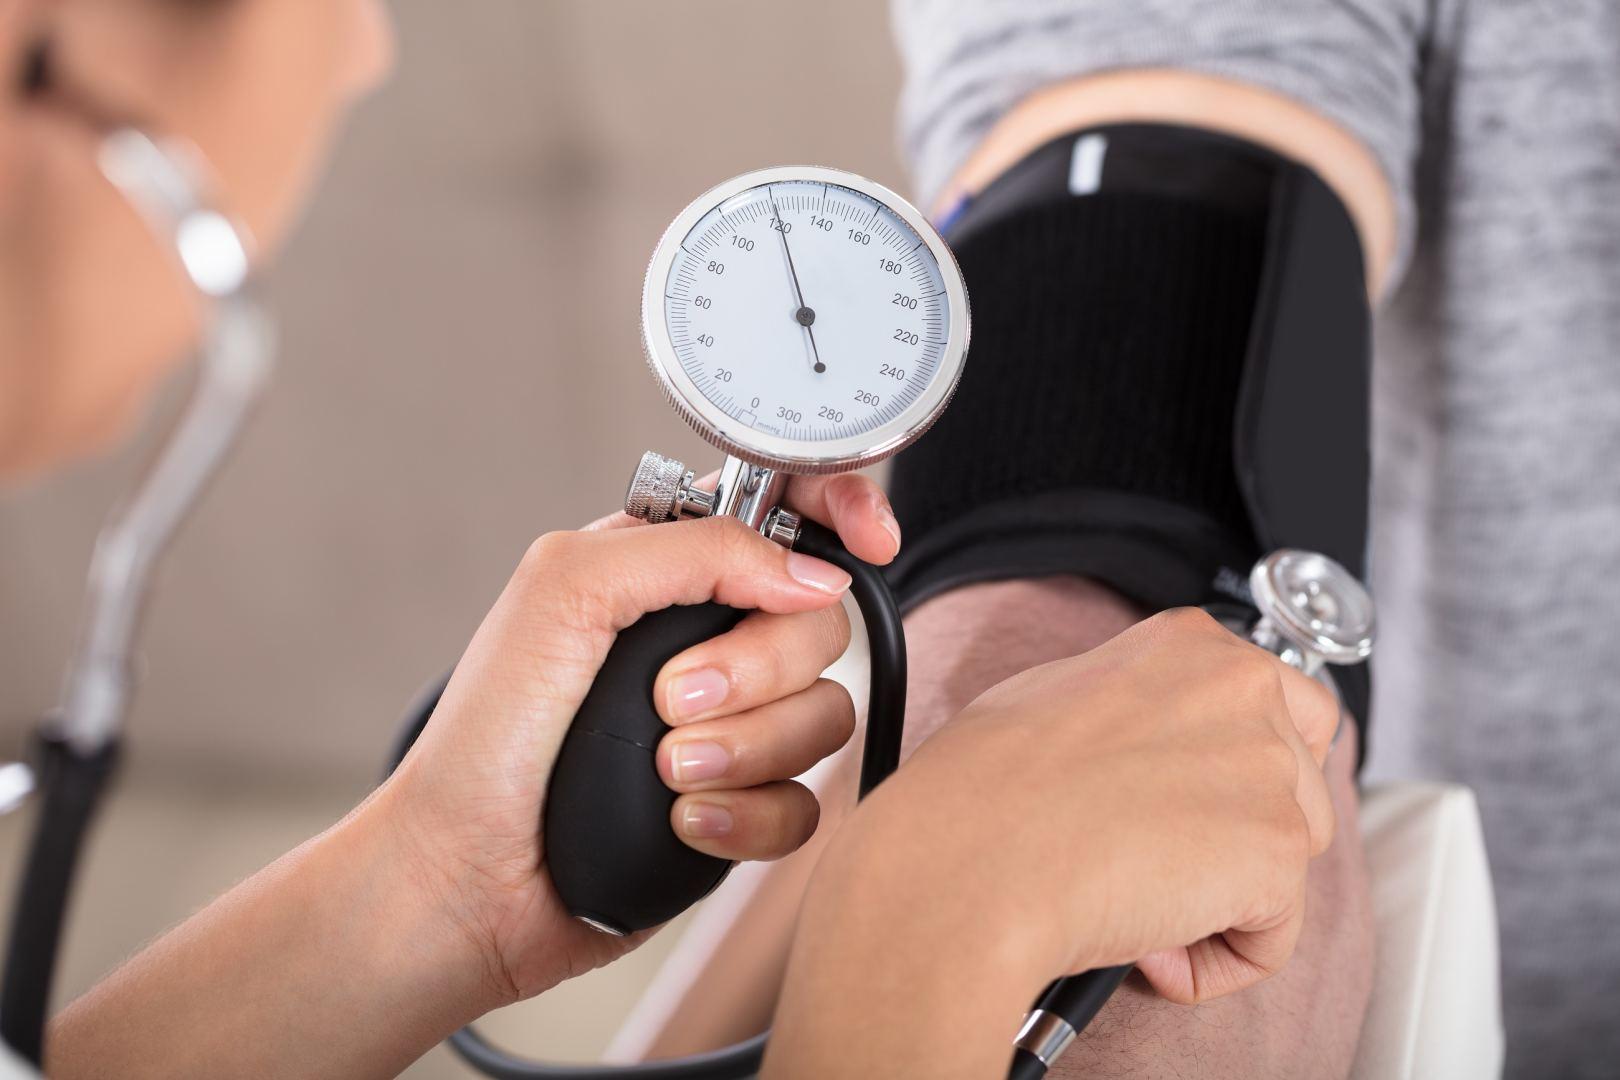 hipertenzija ŠKL balzamas nuo hipertenzijos